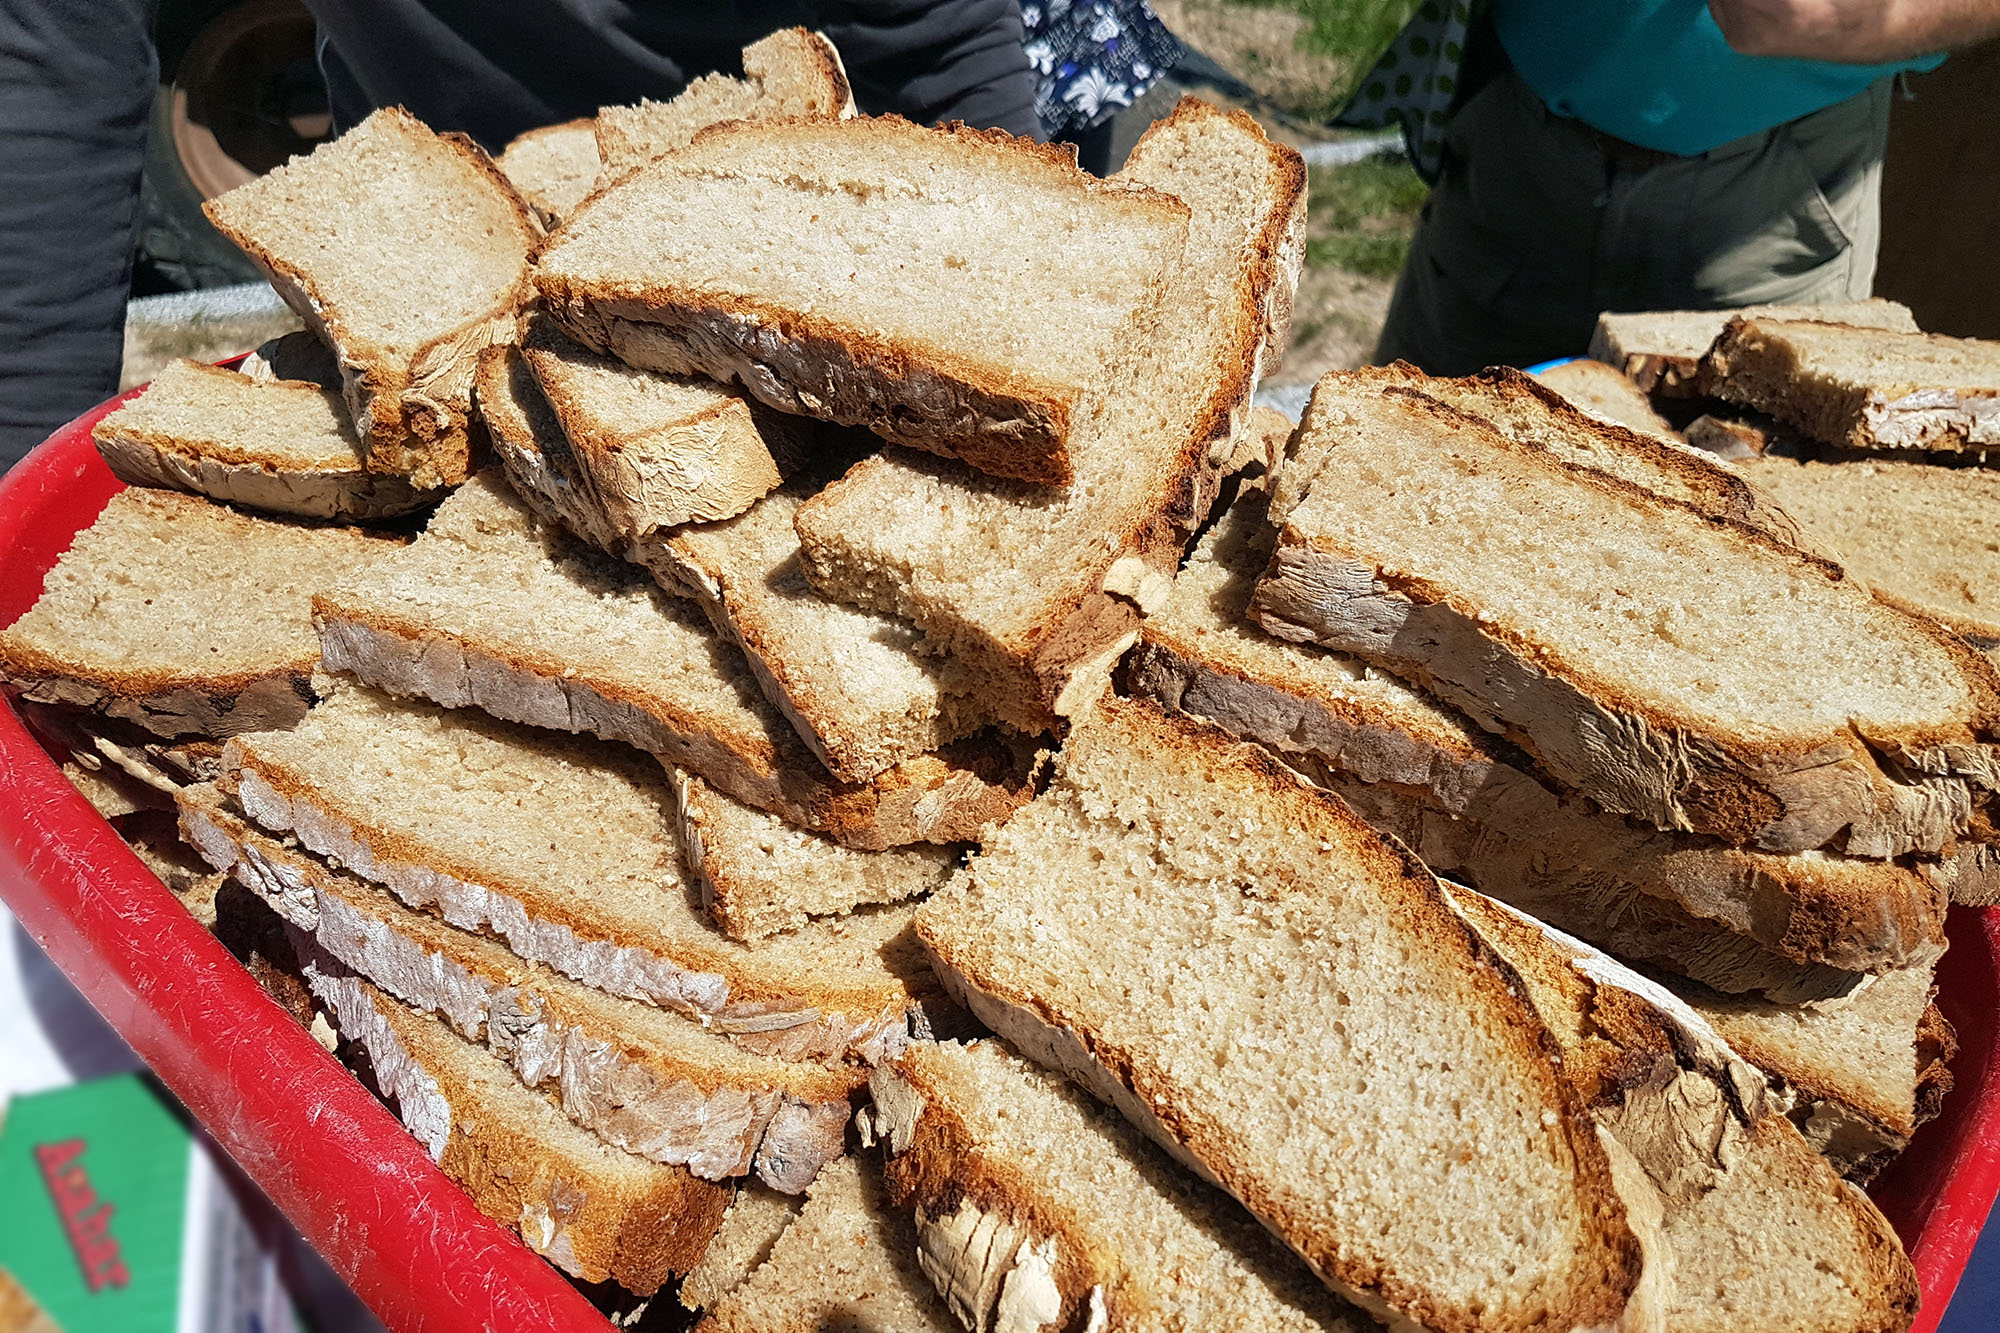 Le troisième dimanche d'août est désormais réservé par la Mairie qui organise la fête du pain dans les villages, chacun à son tour.